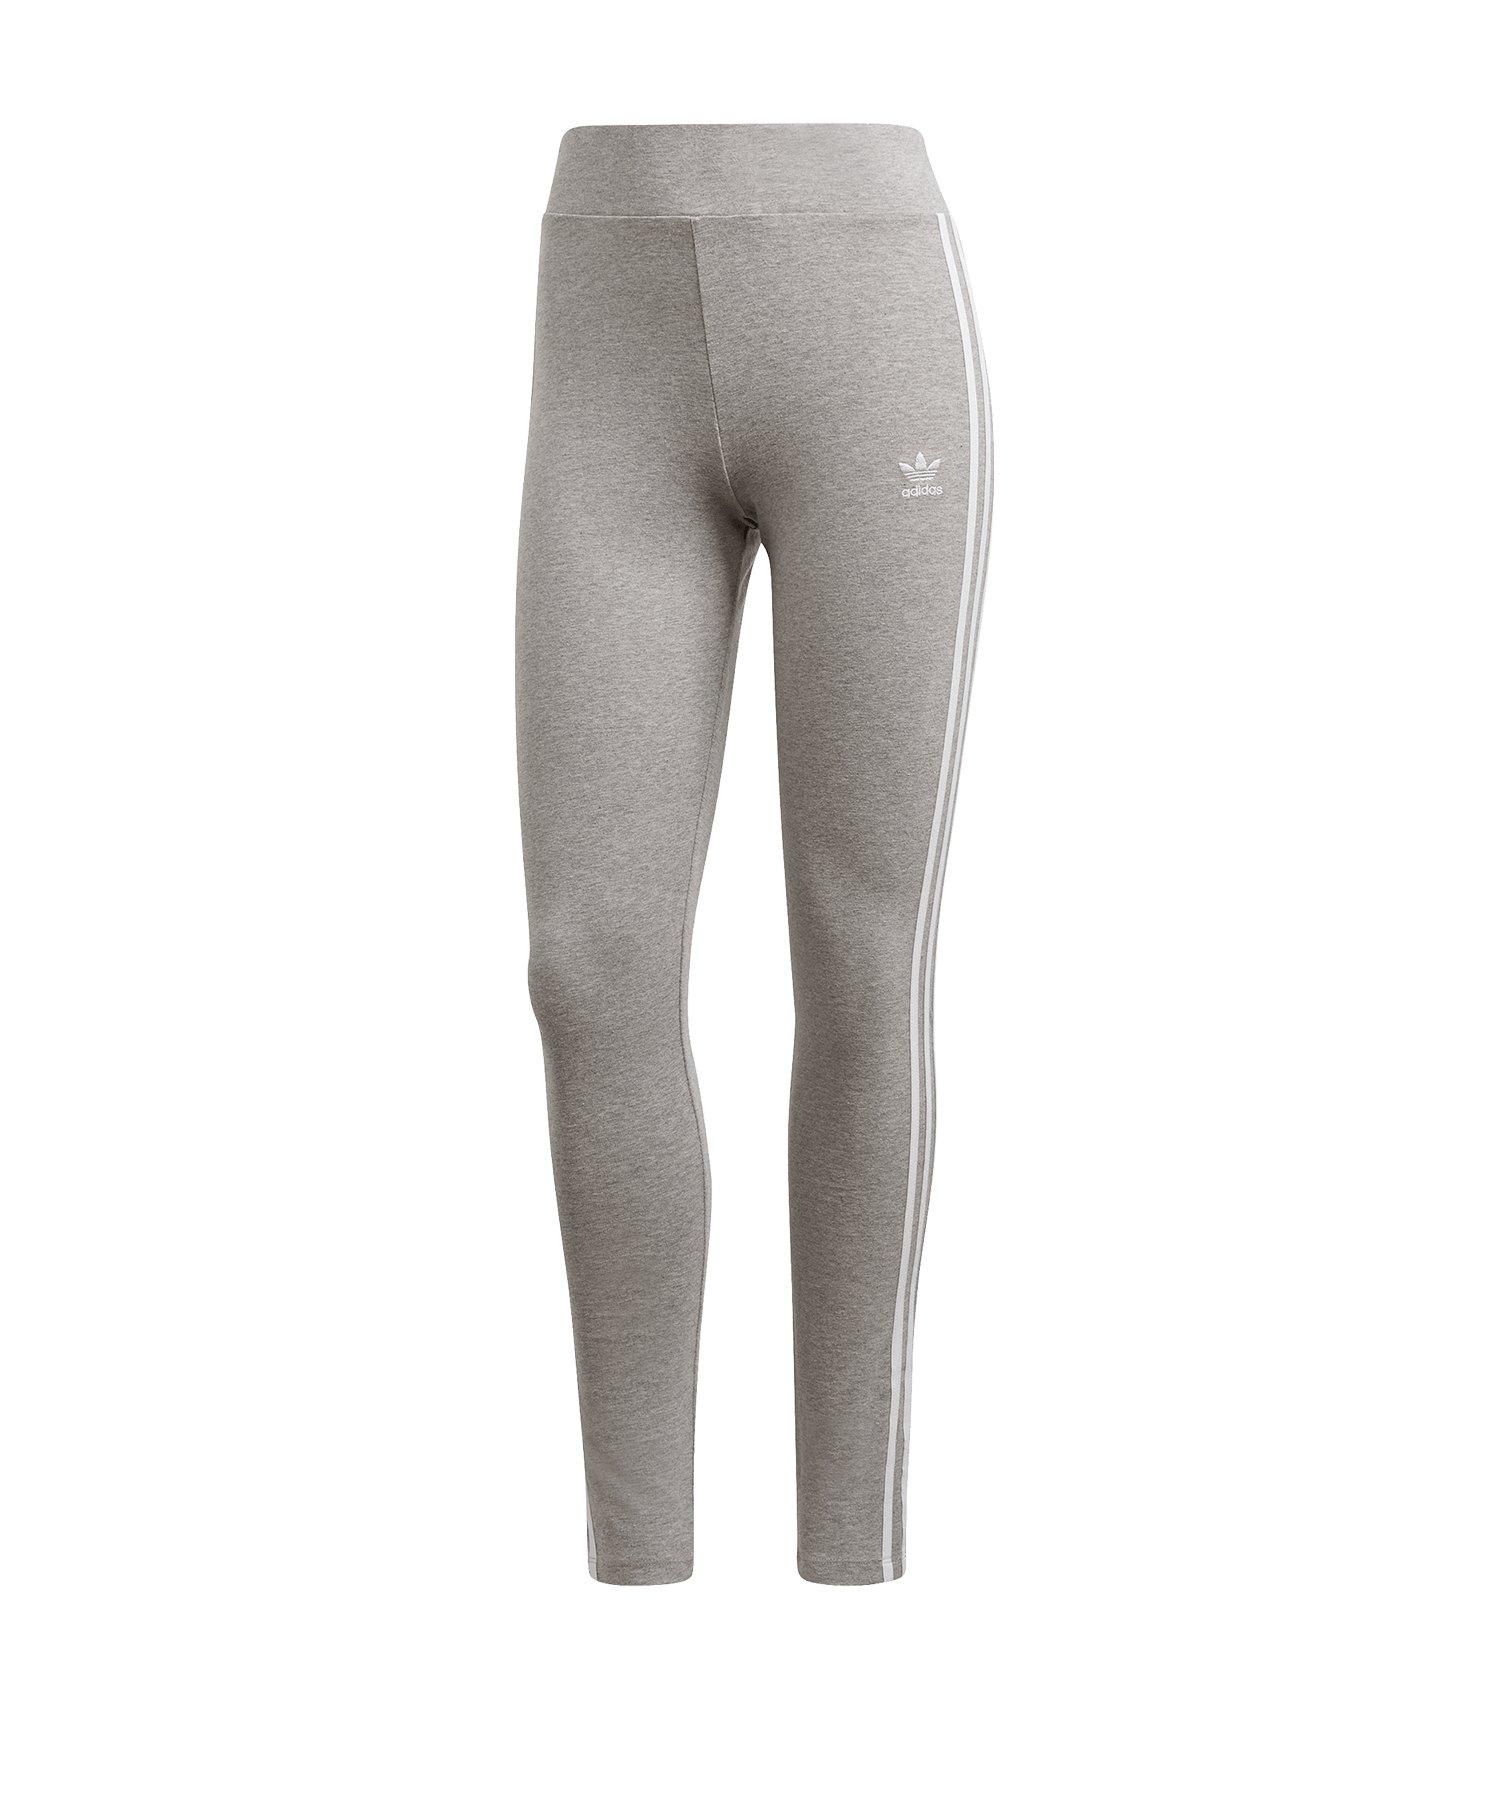 adidas Originals 3 Stripes Leggings Damen Grau - grau